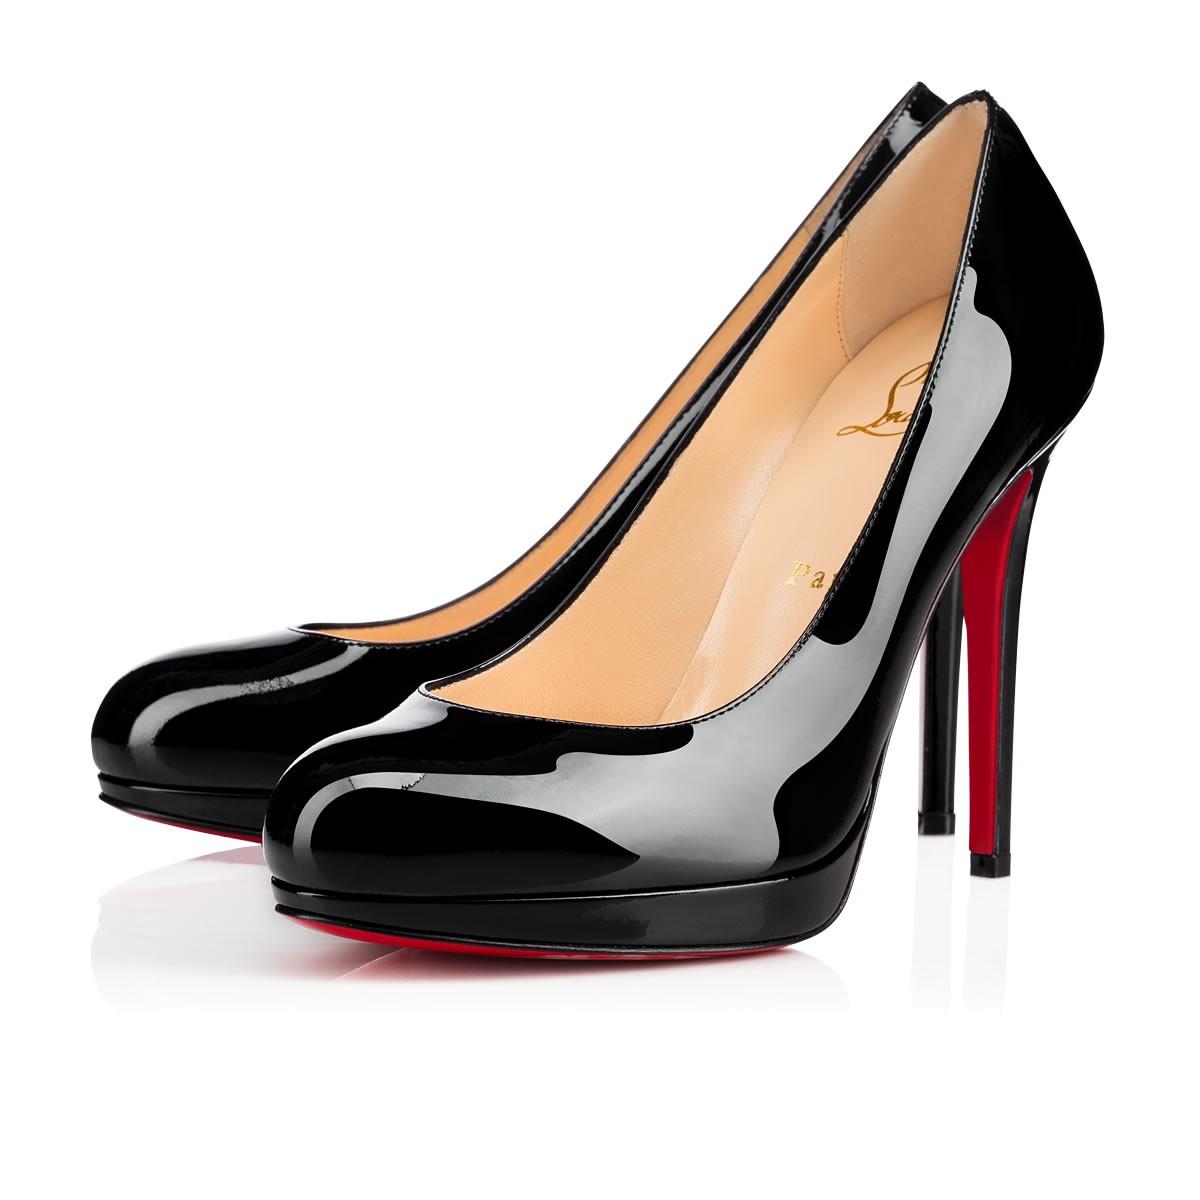 black pumps shoes - new simple pump - christian louboutin ... KSLZXYS